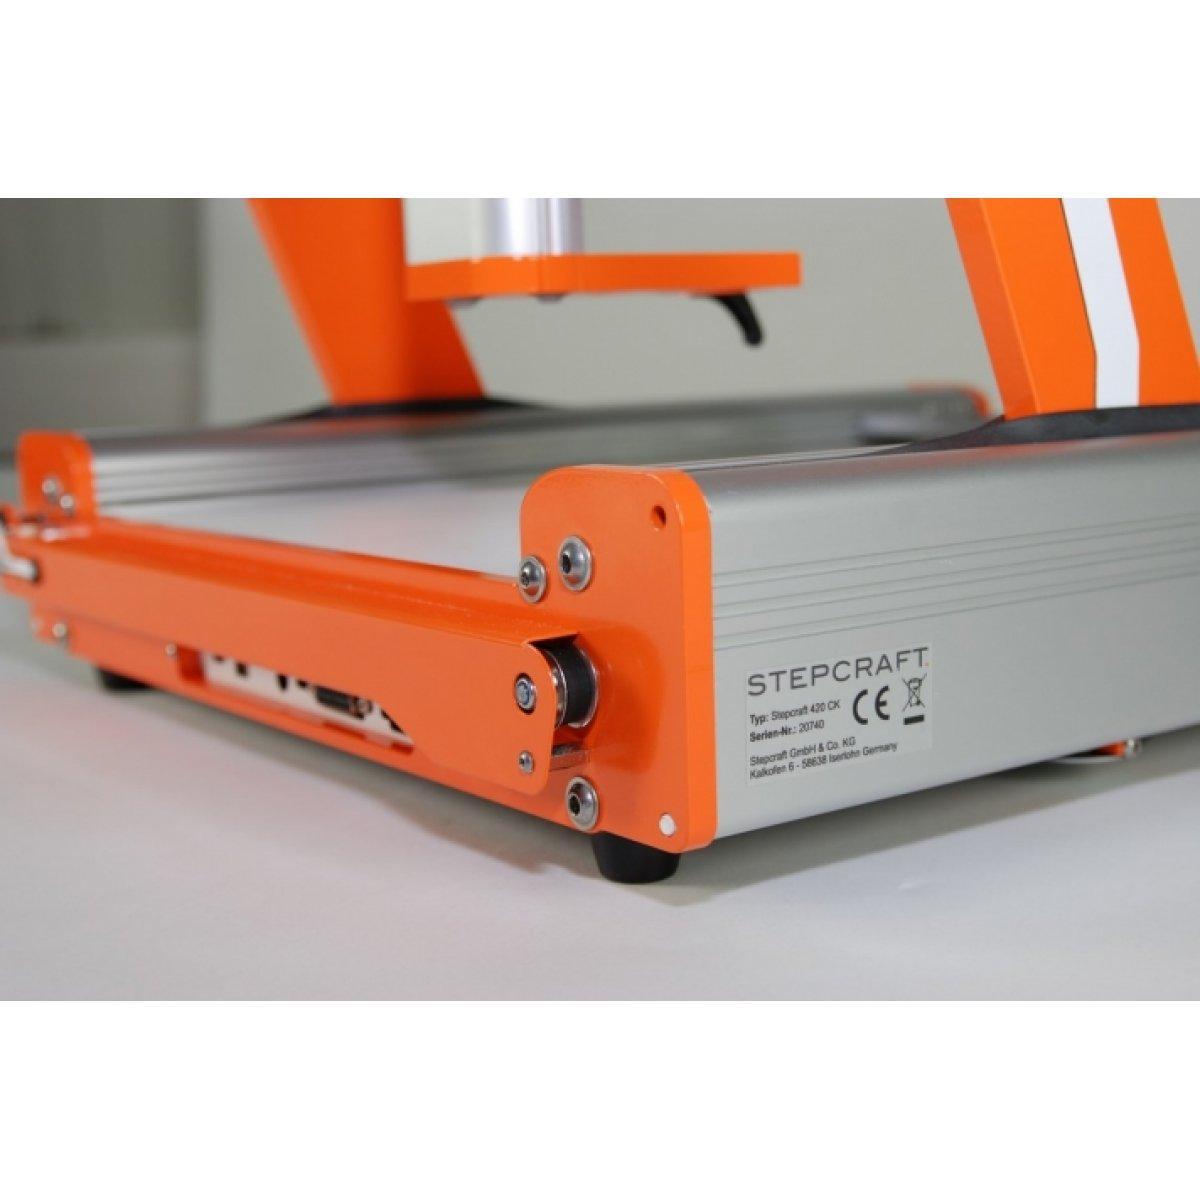 Stepcraft D-Series 13 StepCraft CNC Systems- CNCshop.gr Stepcraft Greece